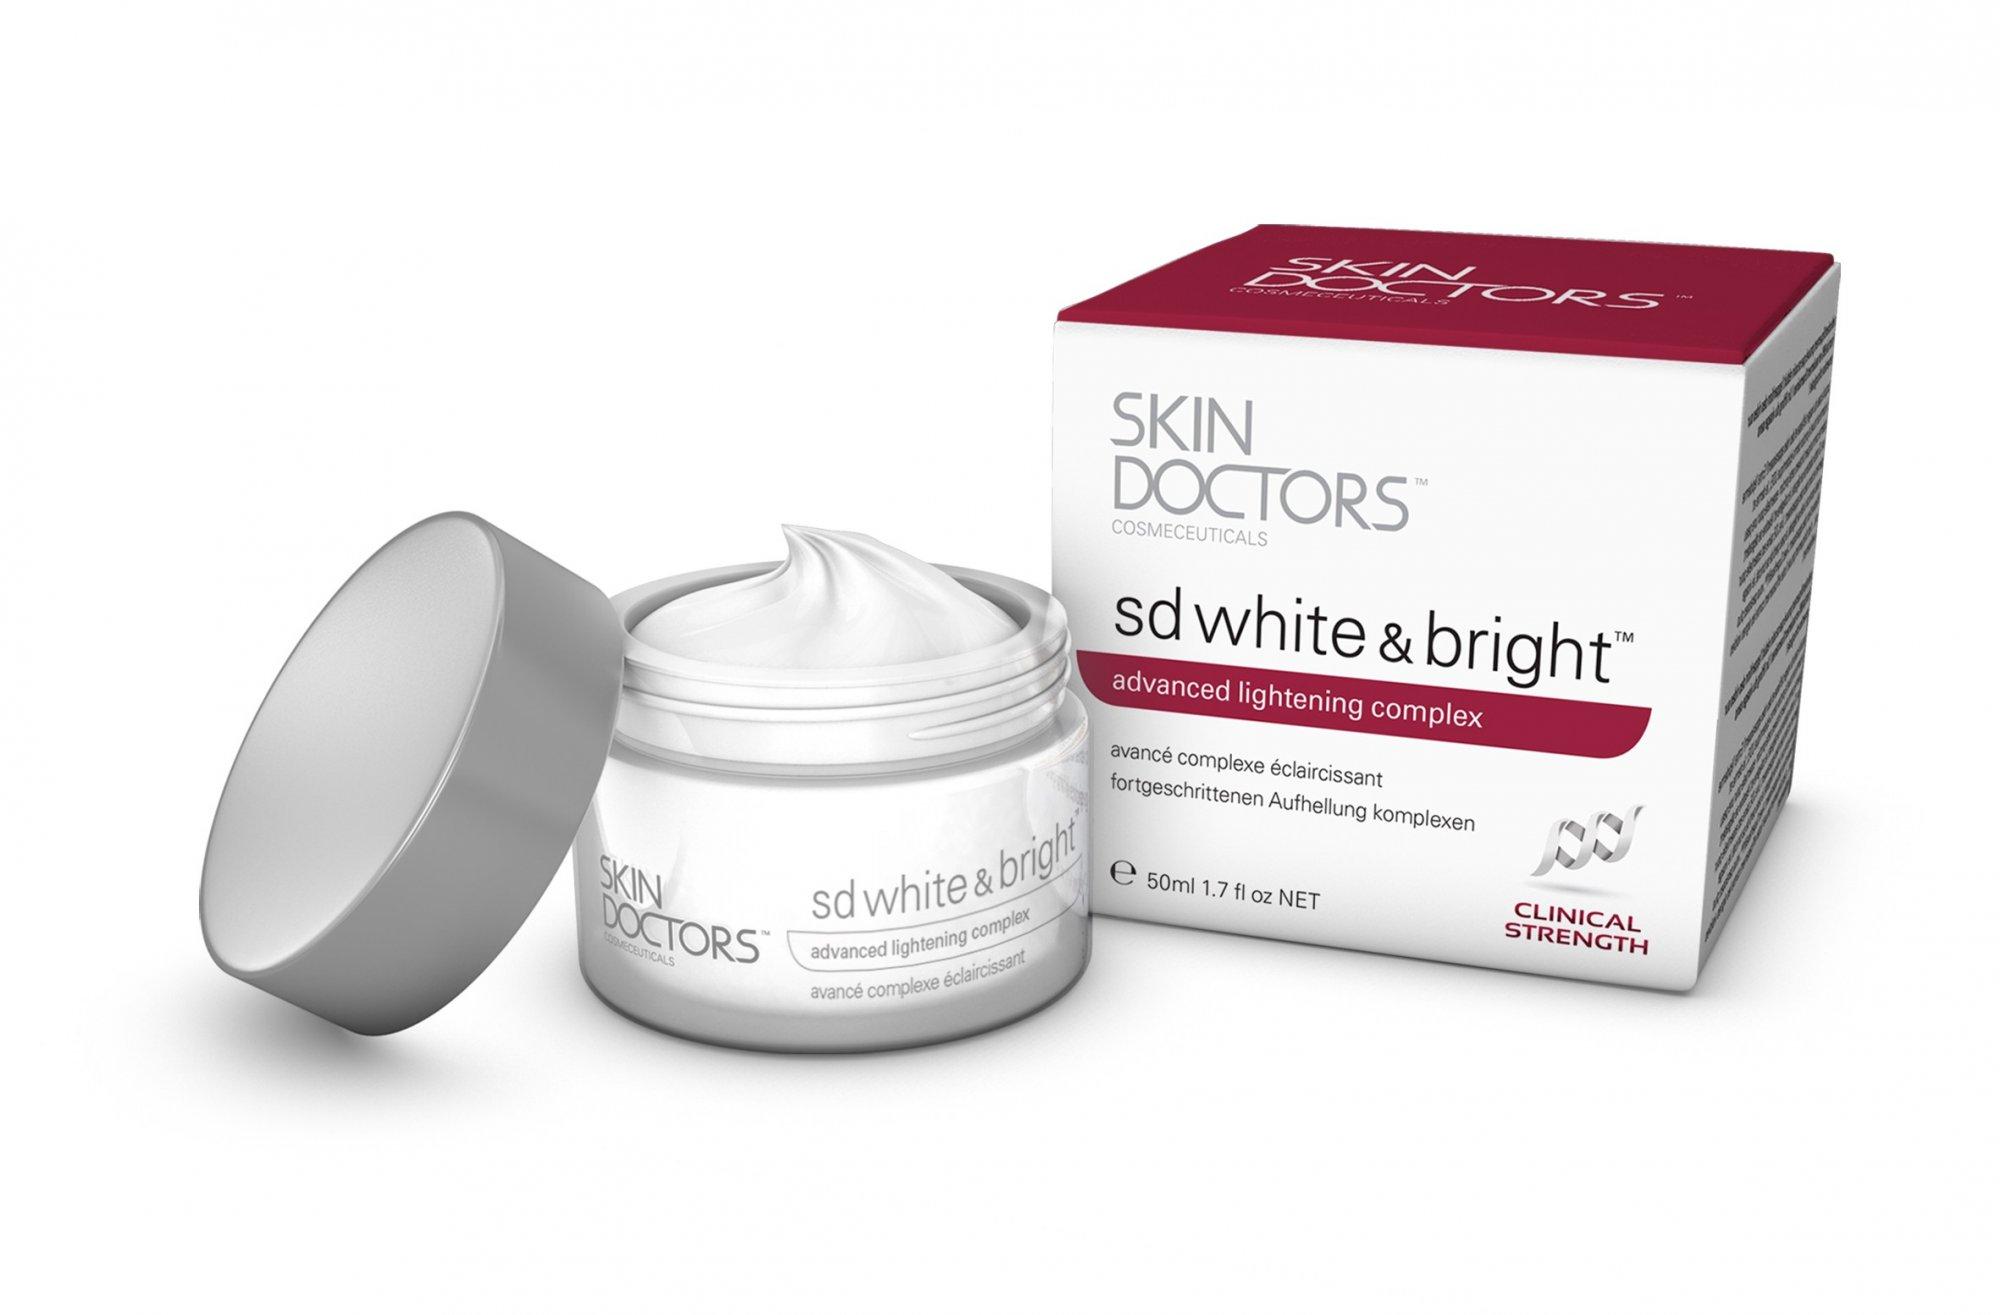 skin_doctors_sd_white_bright_cmyk_hr.jpg